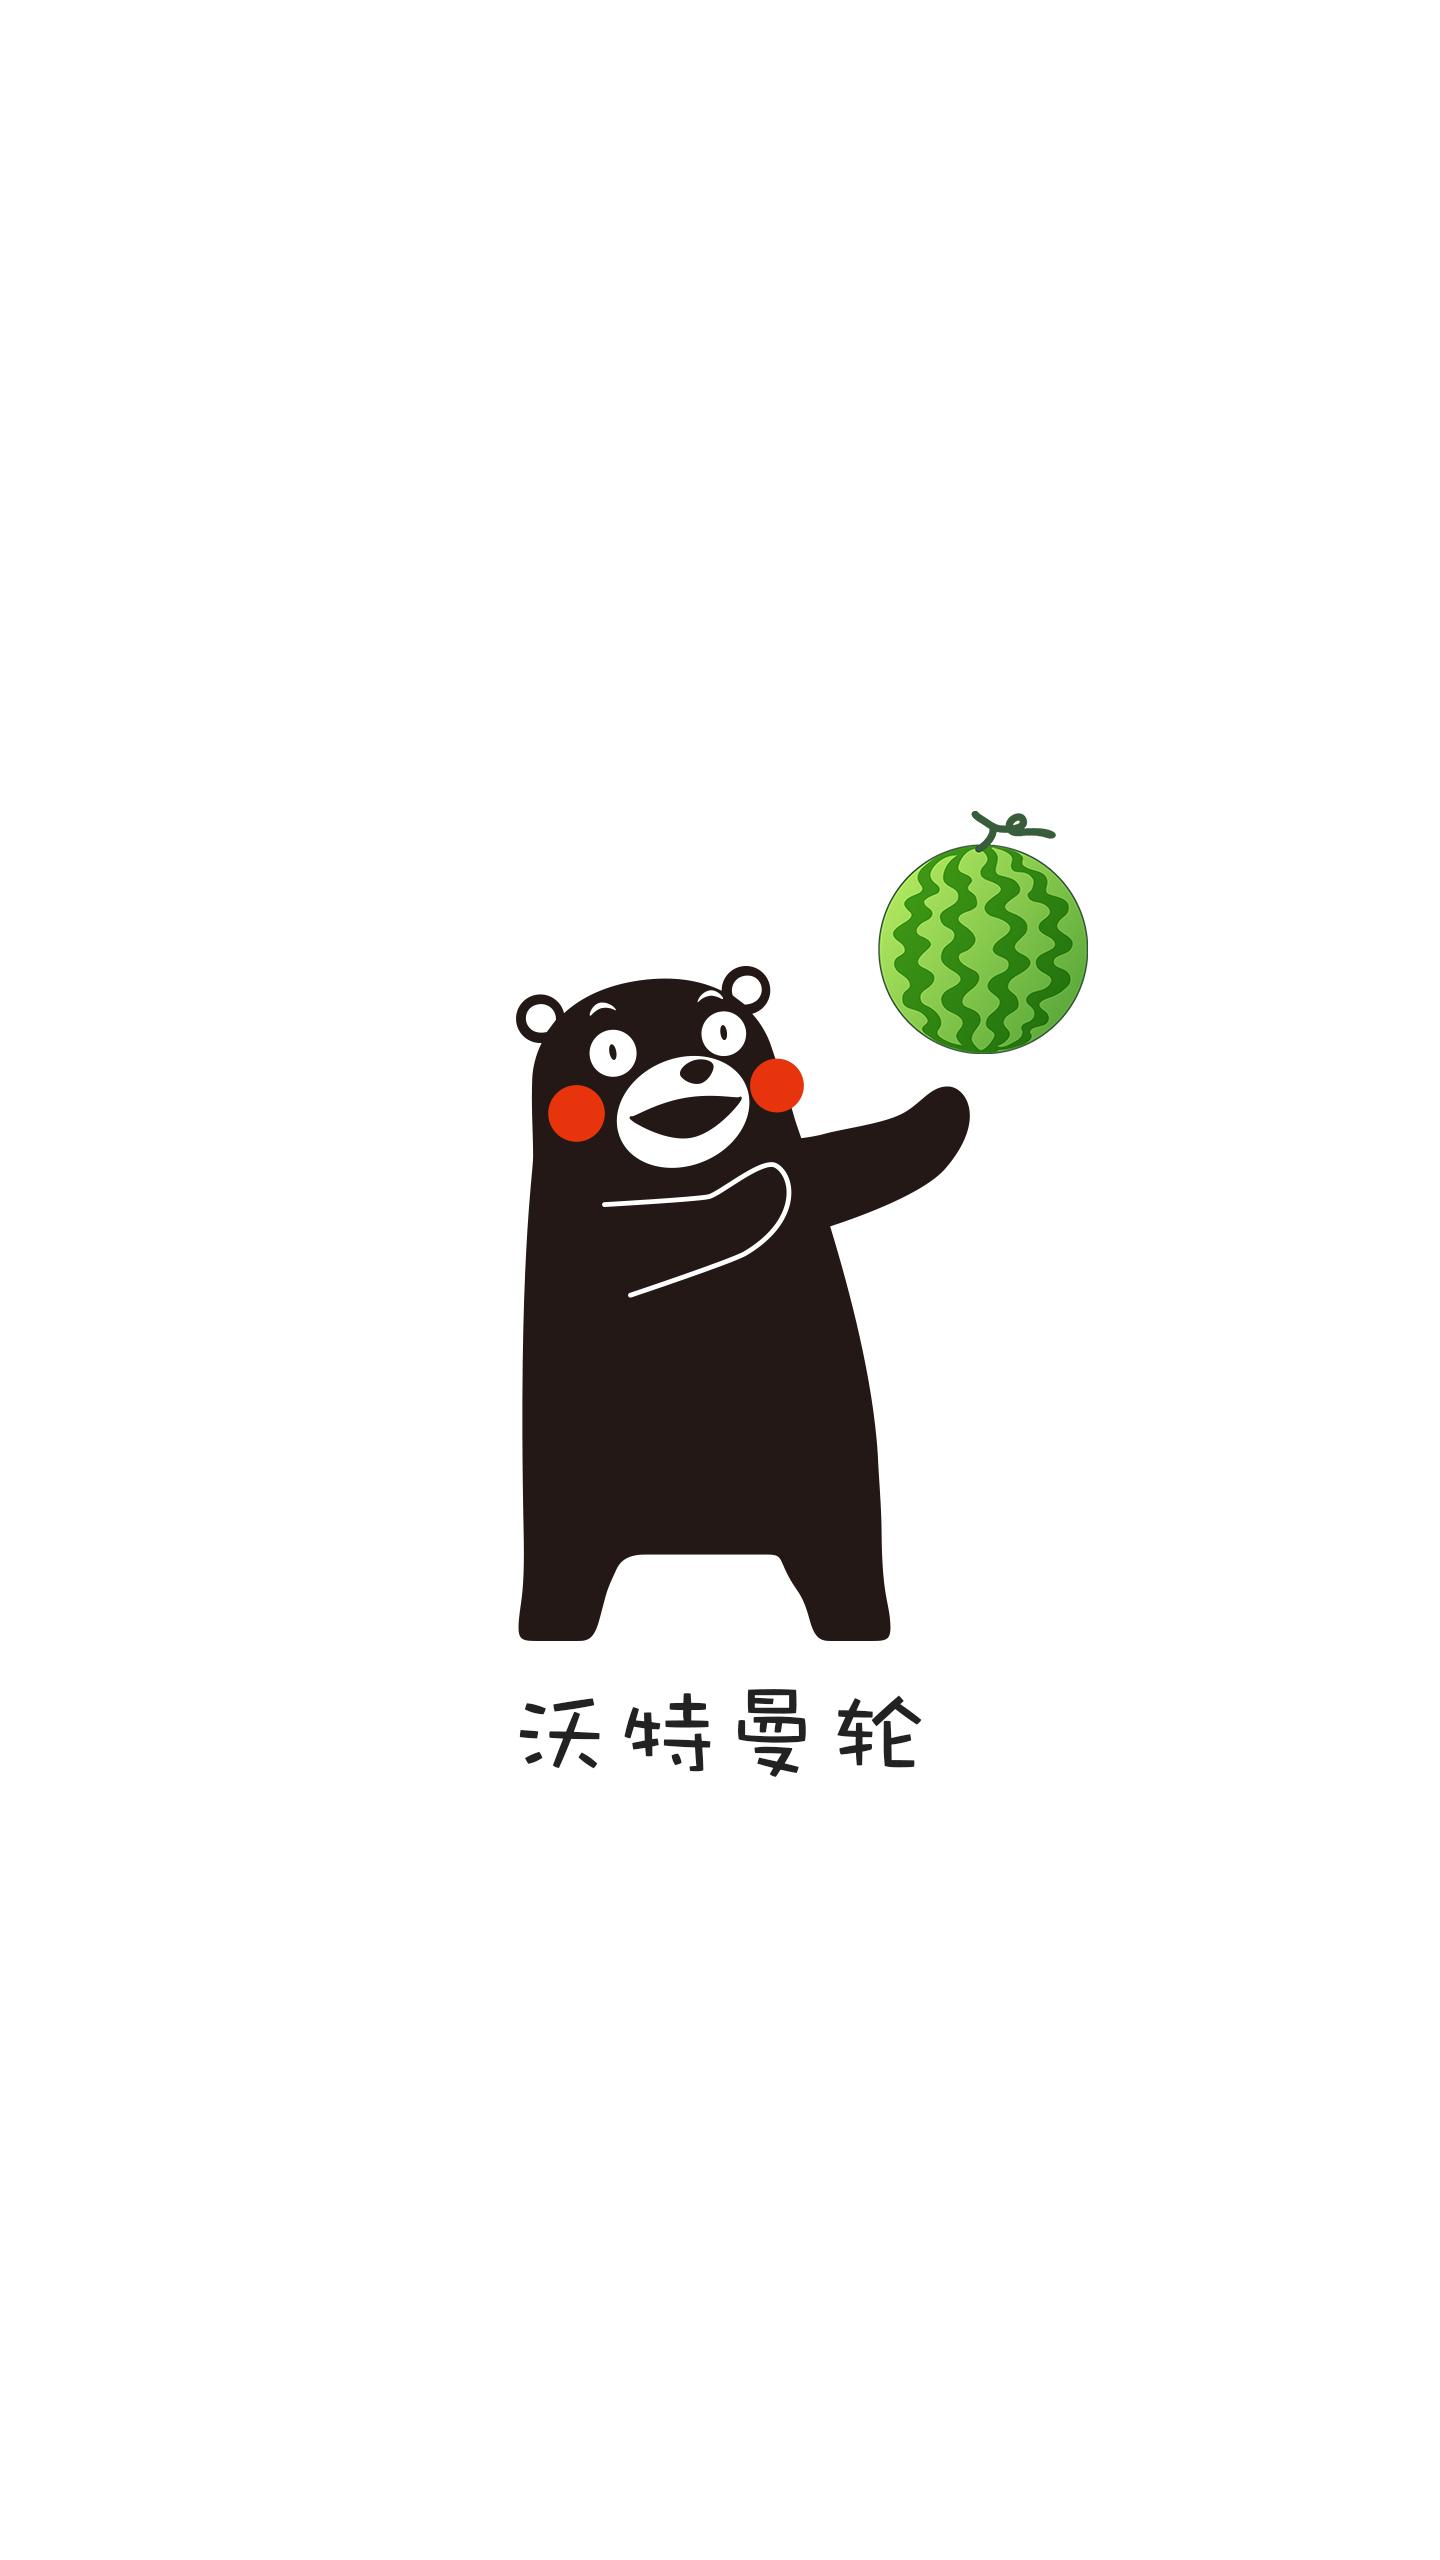 熊本熊水果壁纸#-v粉家园-vivo智能手机v粉社区